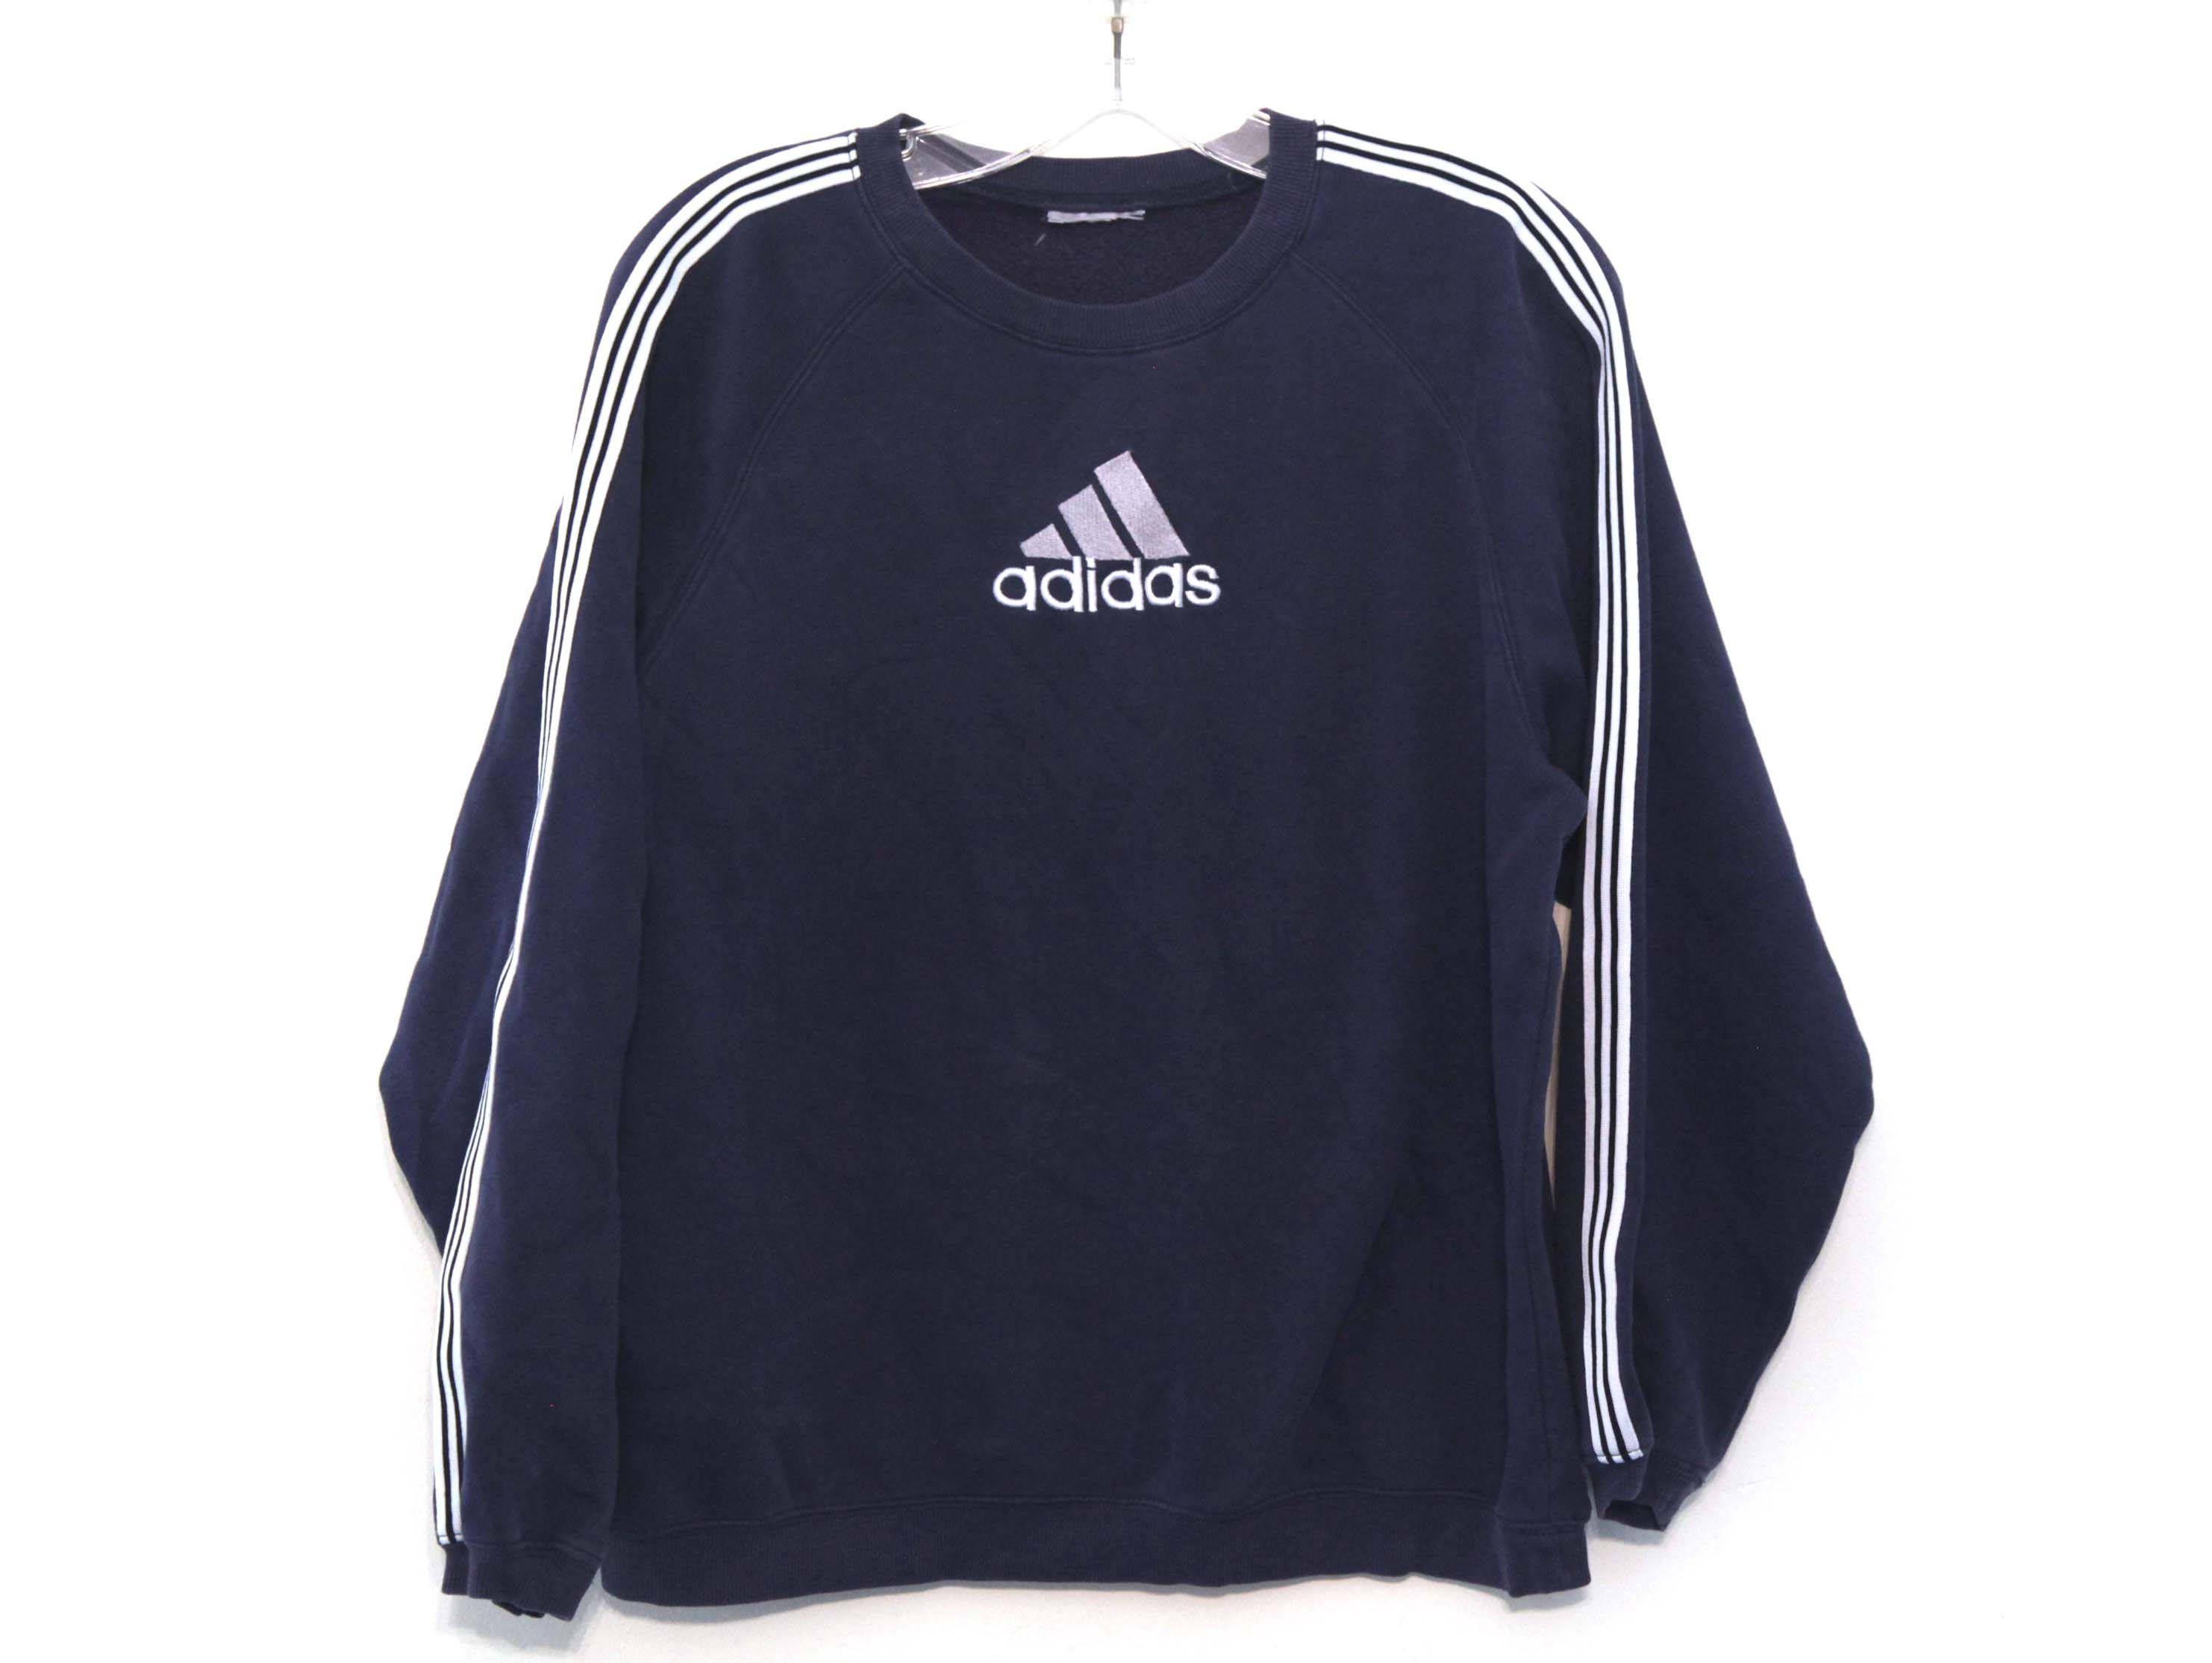 Vintage 90s Adidas Sweatshirt Navy Blue Crop Top Etsy Adidas Sweatshirt Navy Blue Crop Top Blue Crop Tops [ 2228 x 2964 Pixel ]